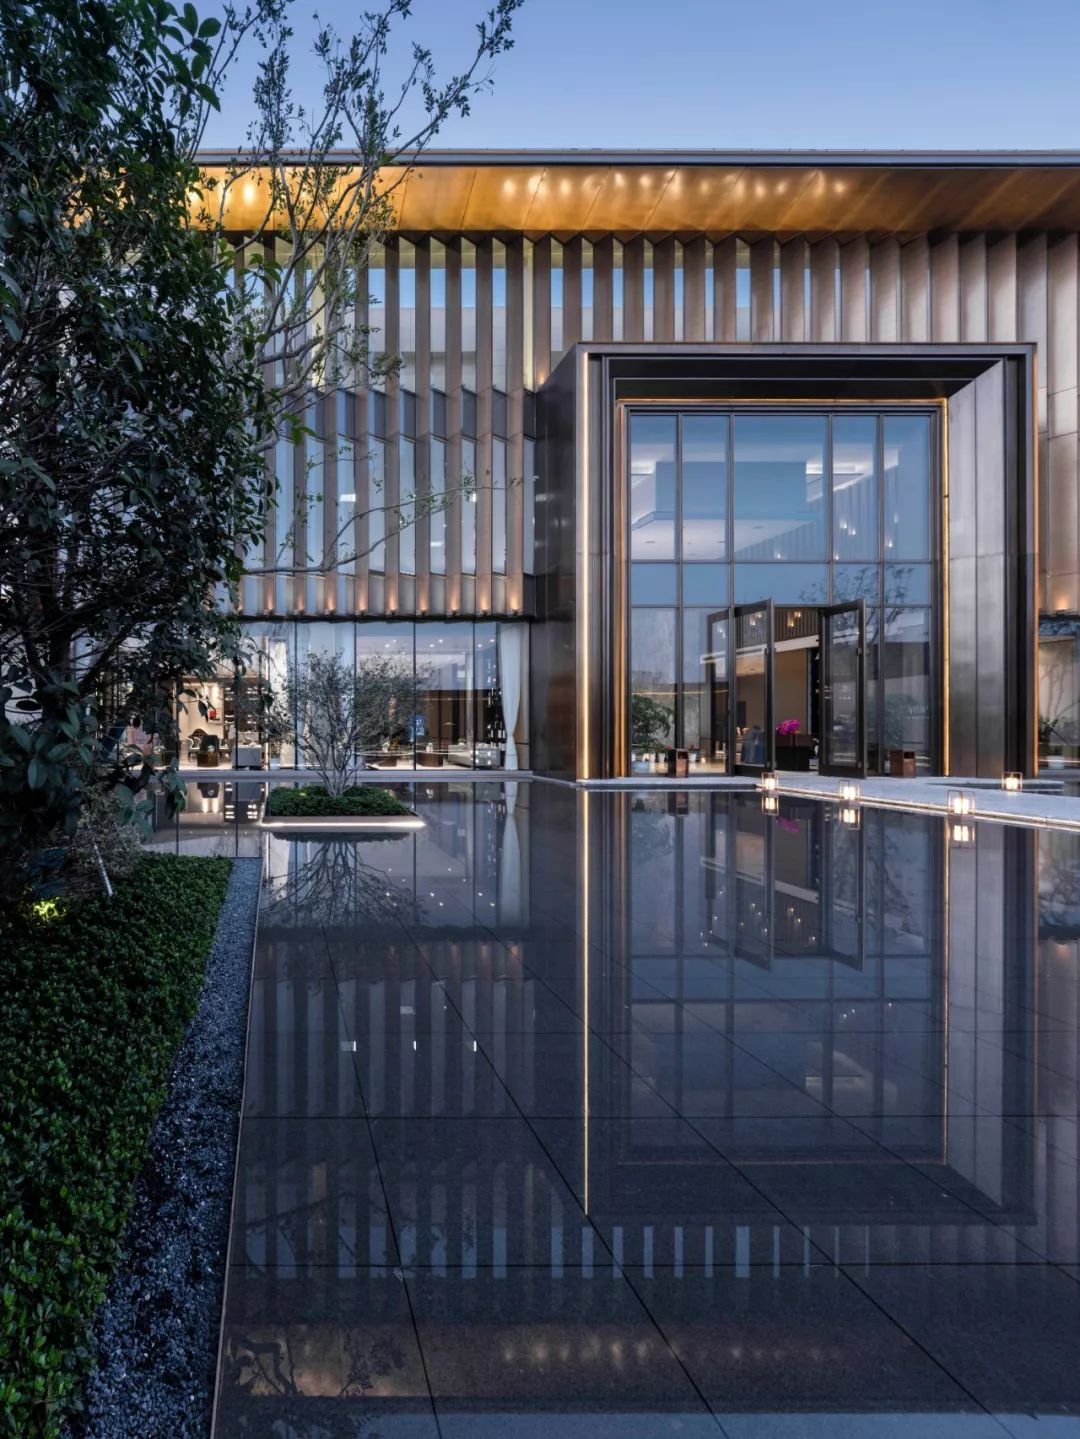 苏州首开棠前如院 · 邻里中心建筑设计 / 成执设计